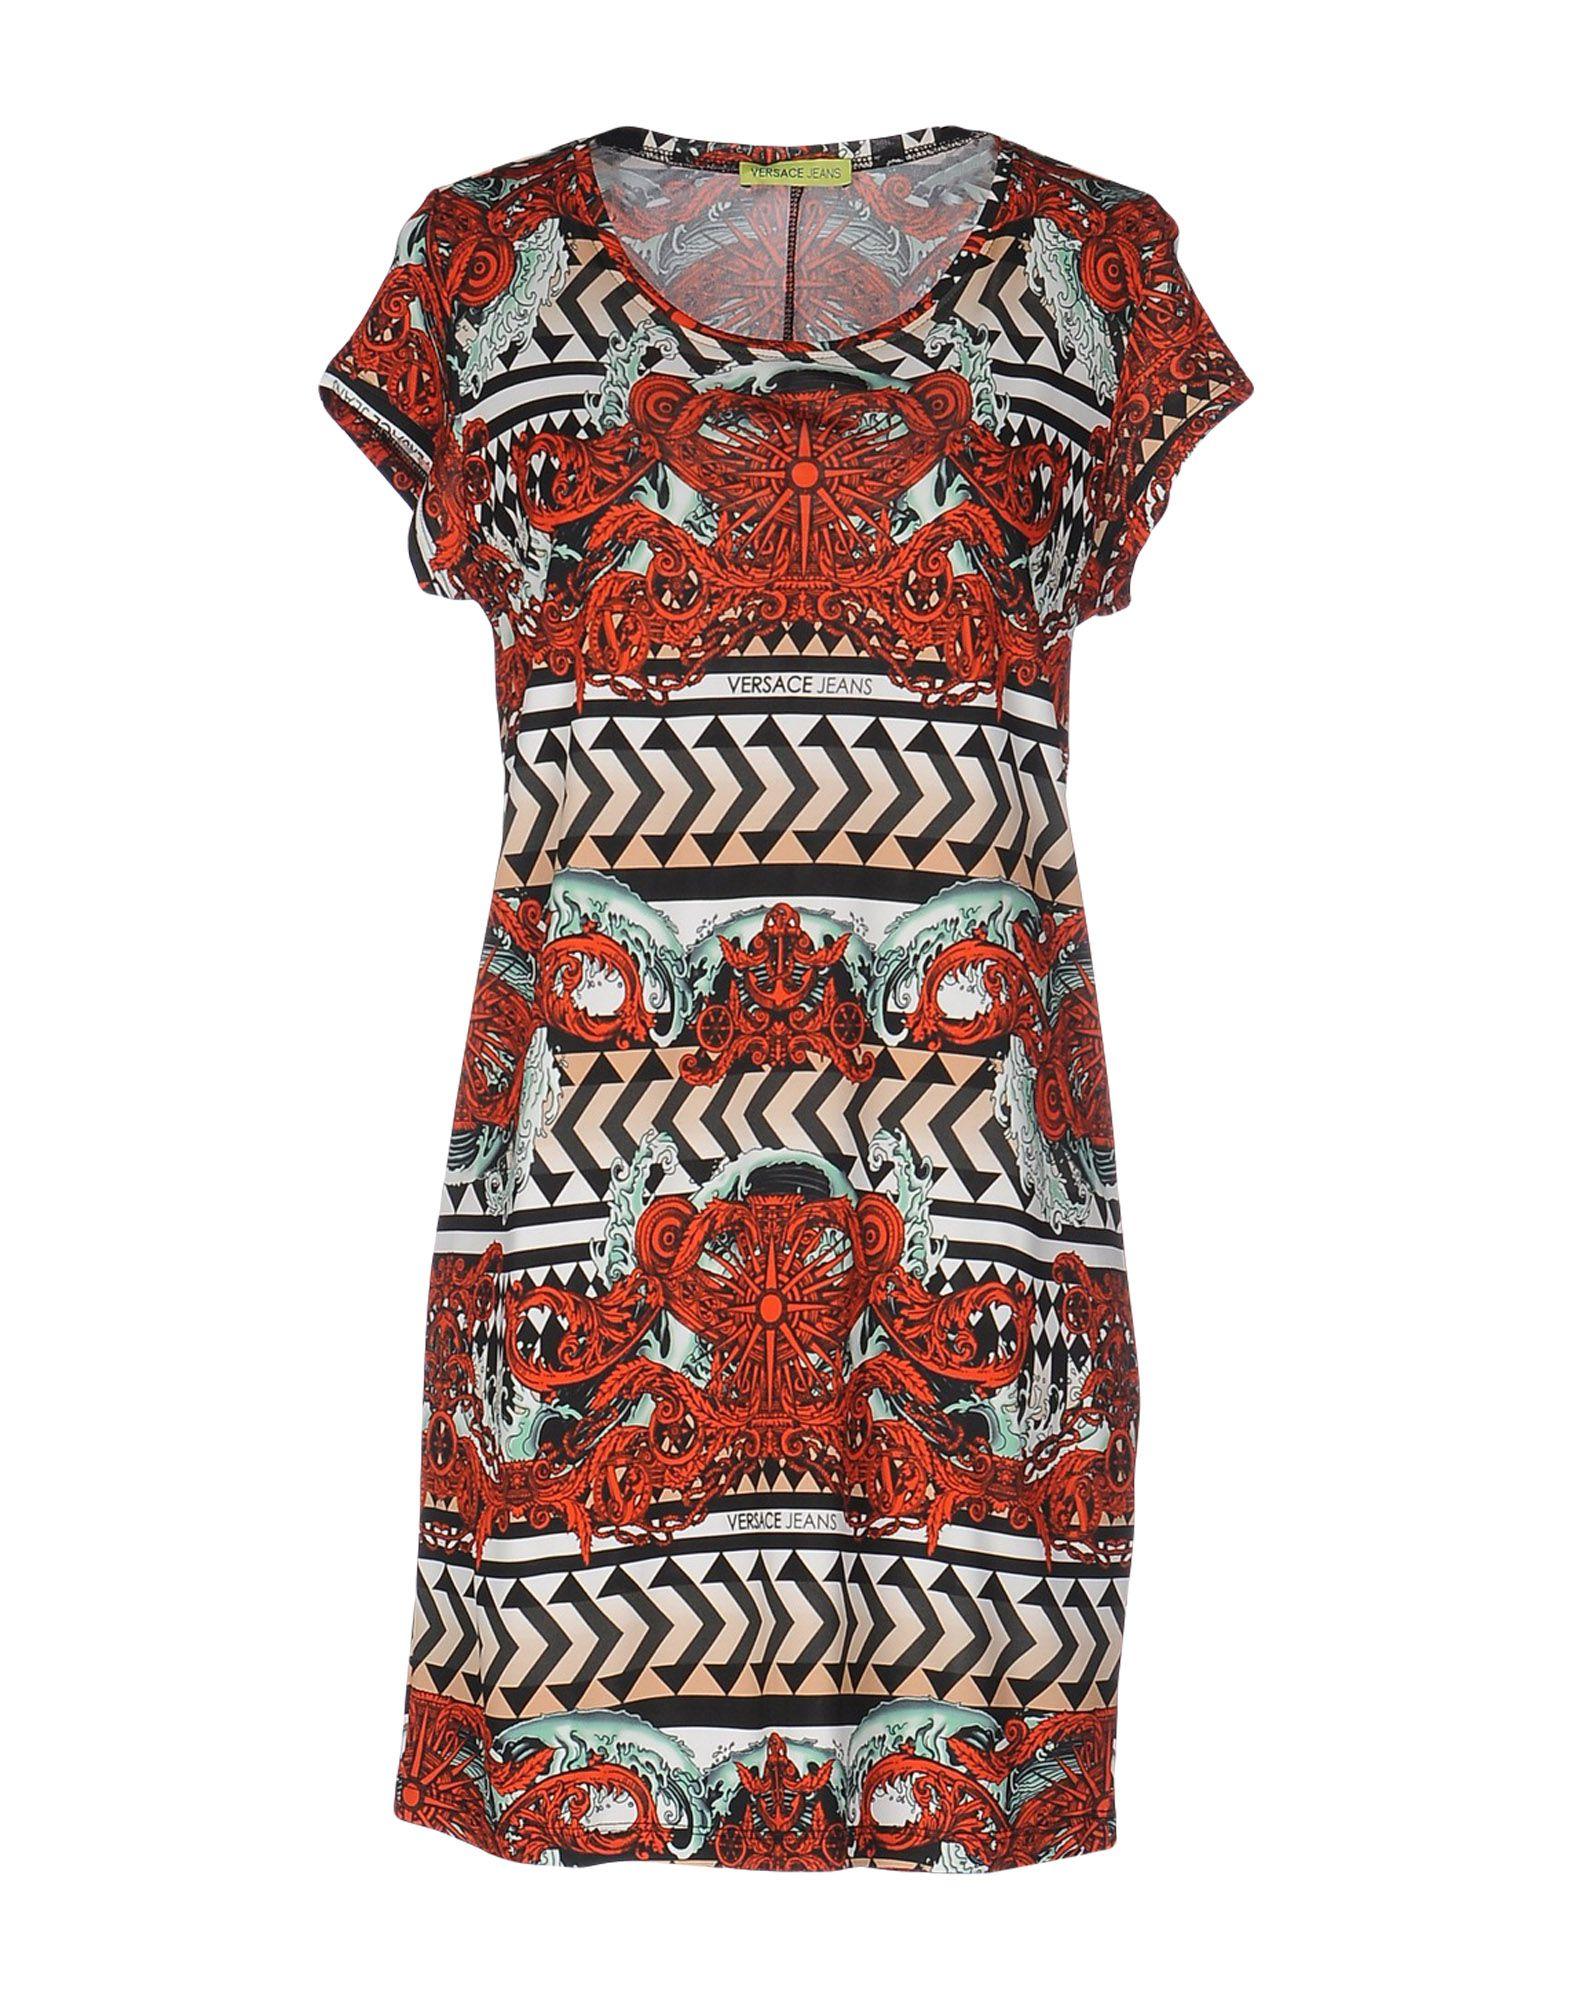 VERSACE JEANS Damen Kurzes Kleid Farbe Rot Größe 5 - broschei